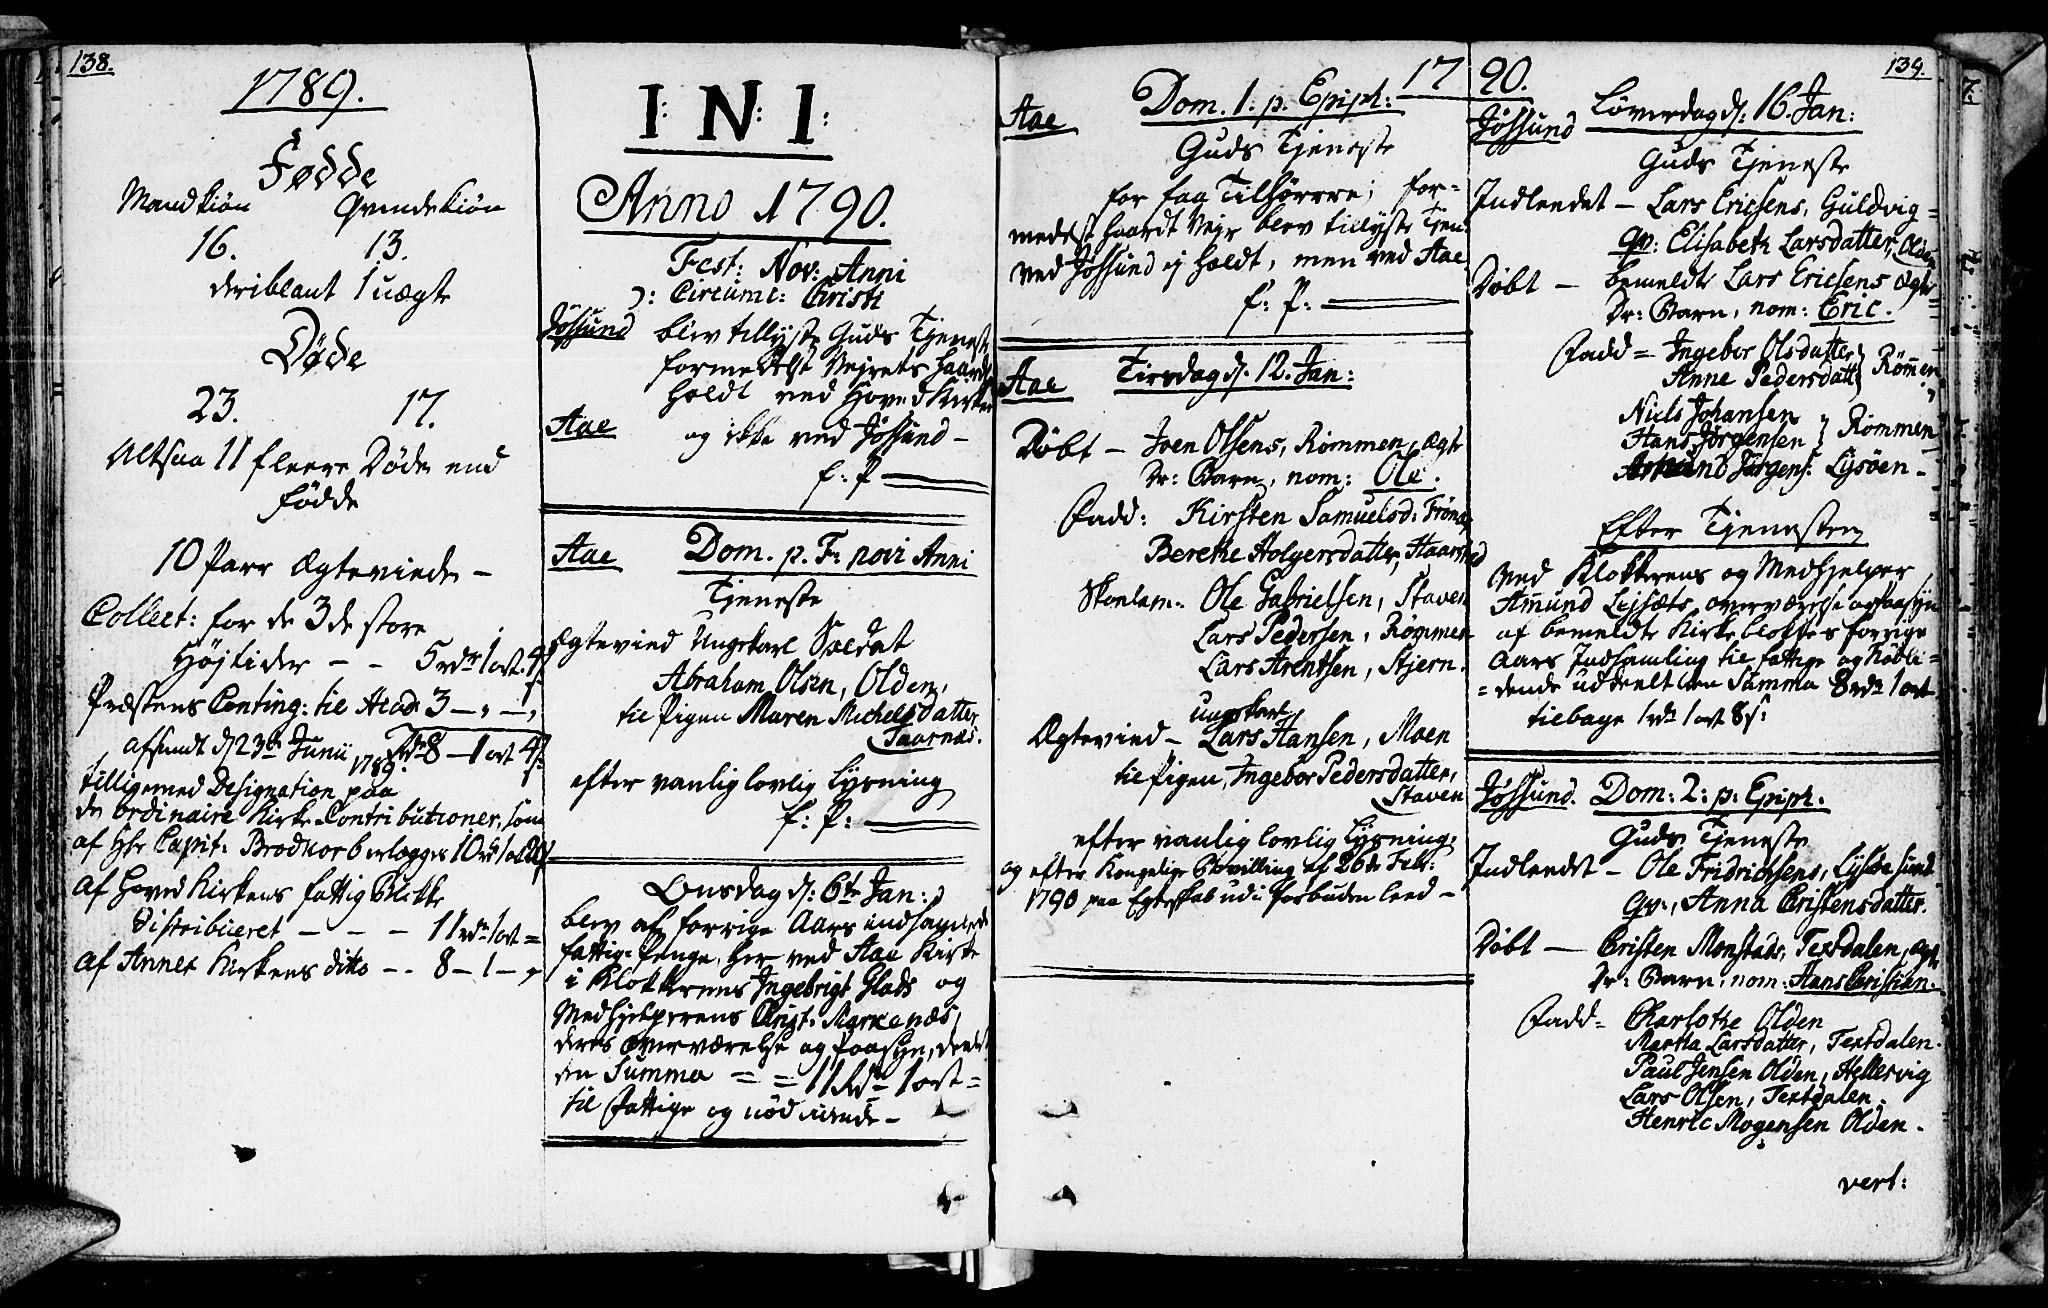 SAT, Ministerialprotokoller, klokkerbøker og fødselsregistre - Sør-Trøndelag, 655/L0673: Ministerialbok nr. 655A02, 1780-1801, s. 138-139